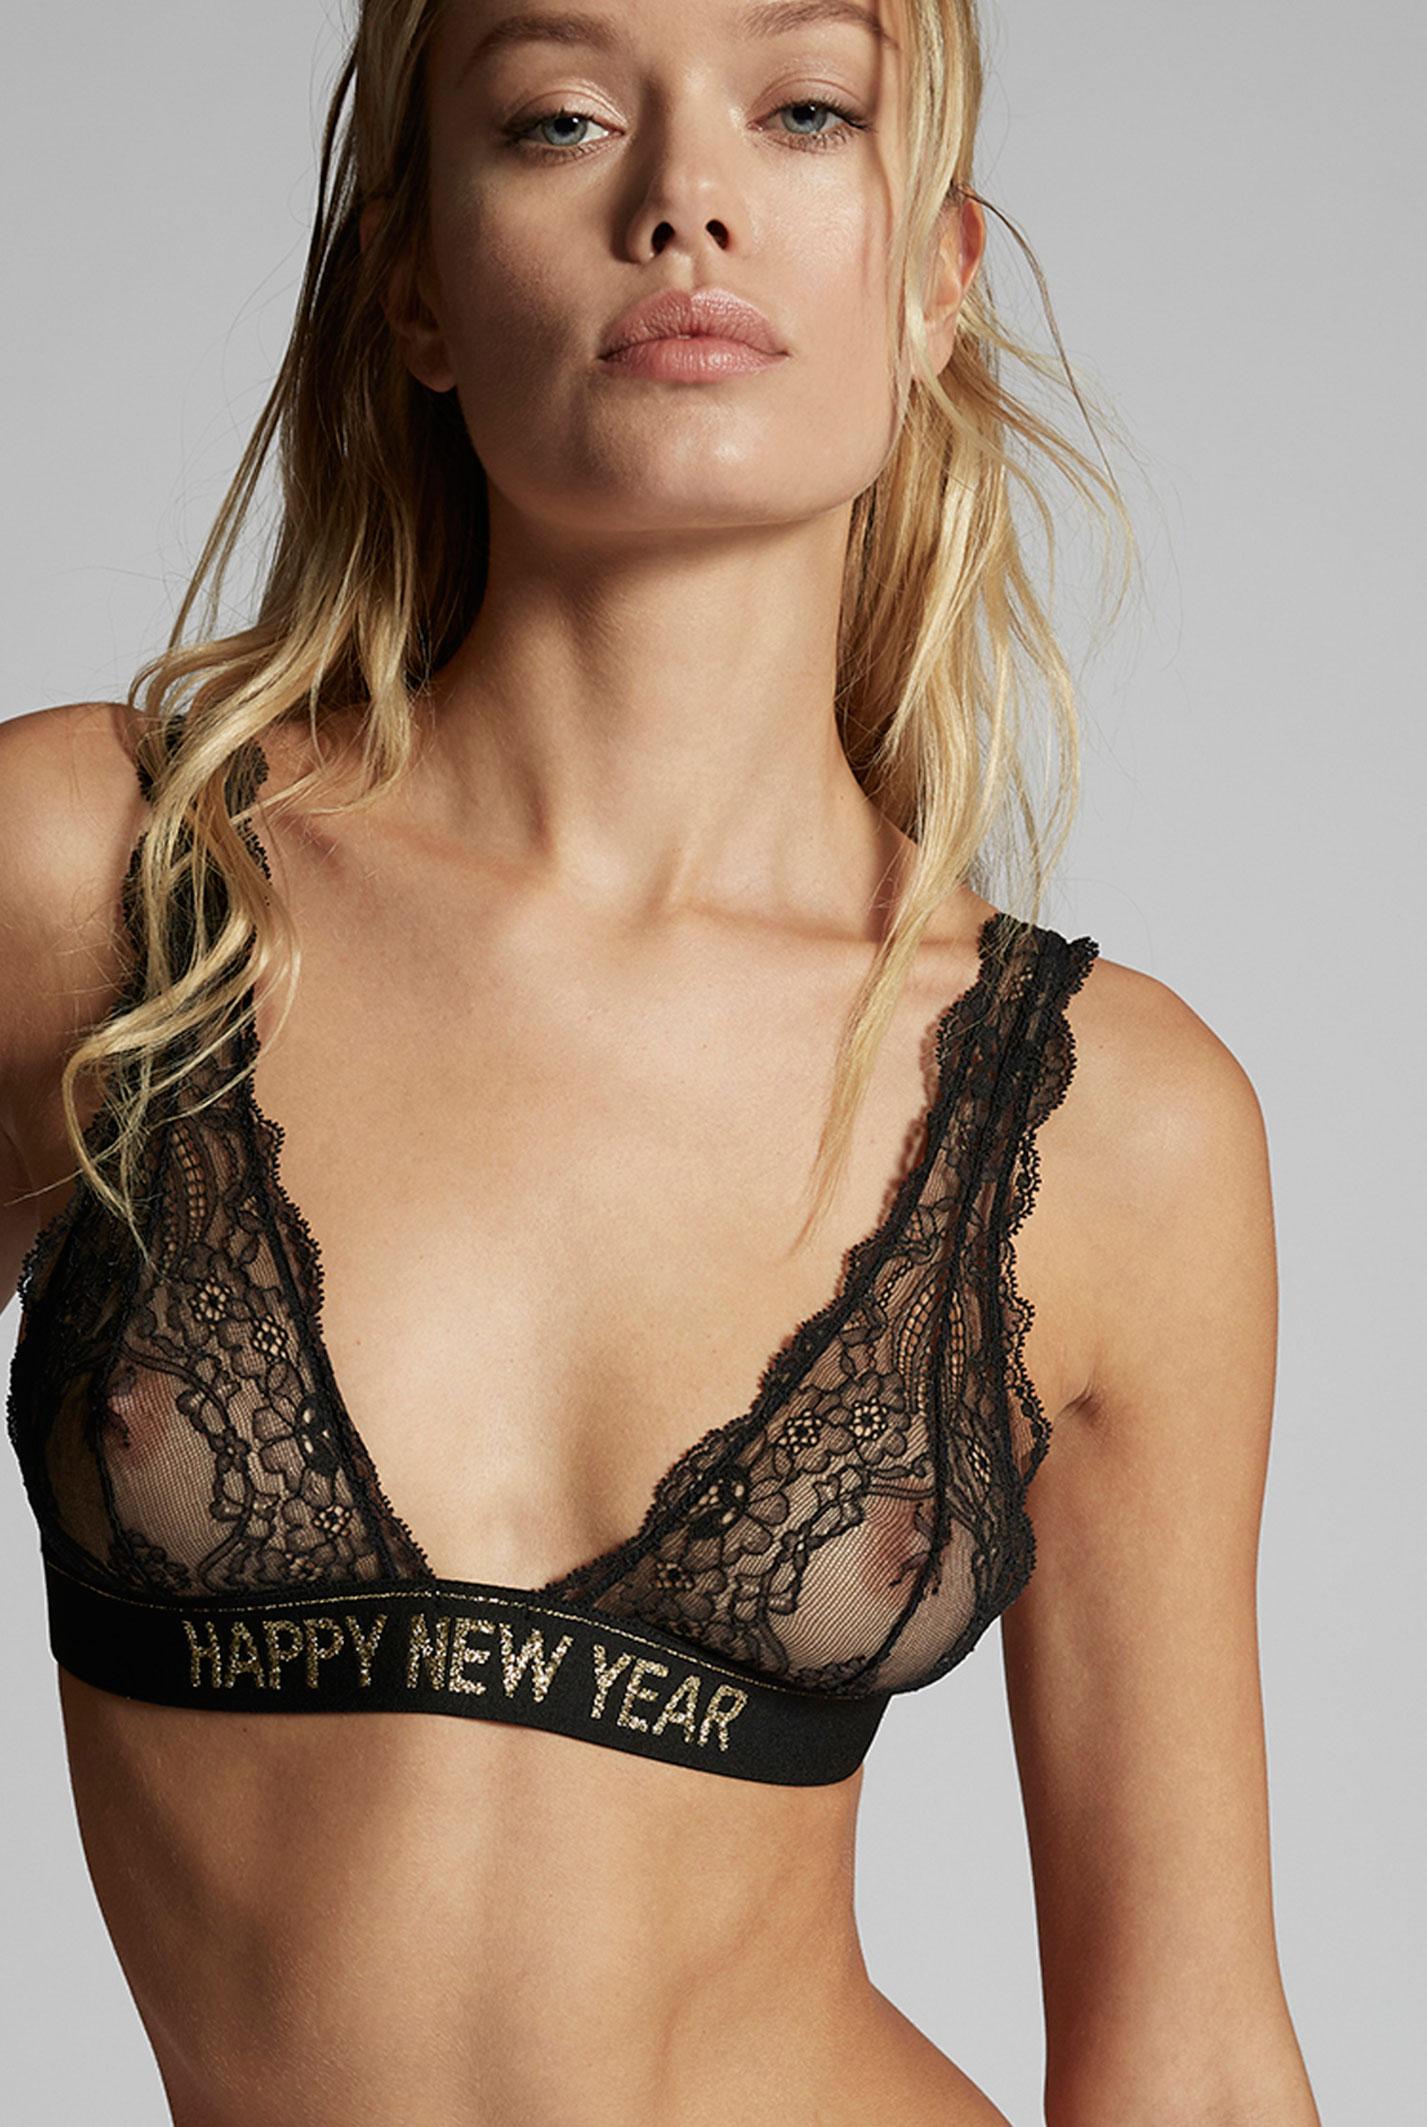 Фрида Аасен в новогодней коллекции нижнего белья Dsquared2, зима 2020 / фото 0